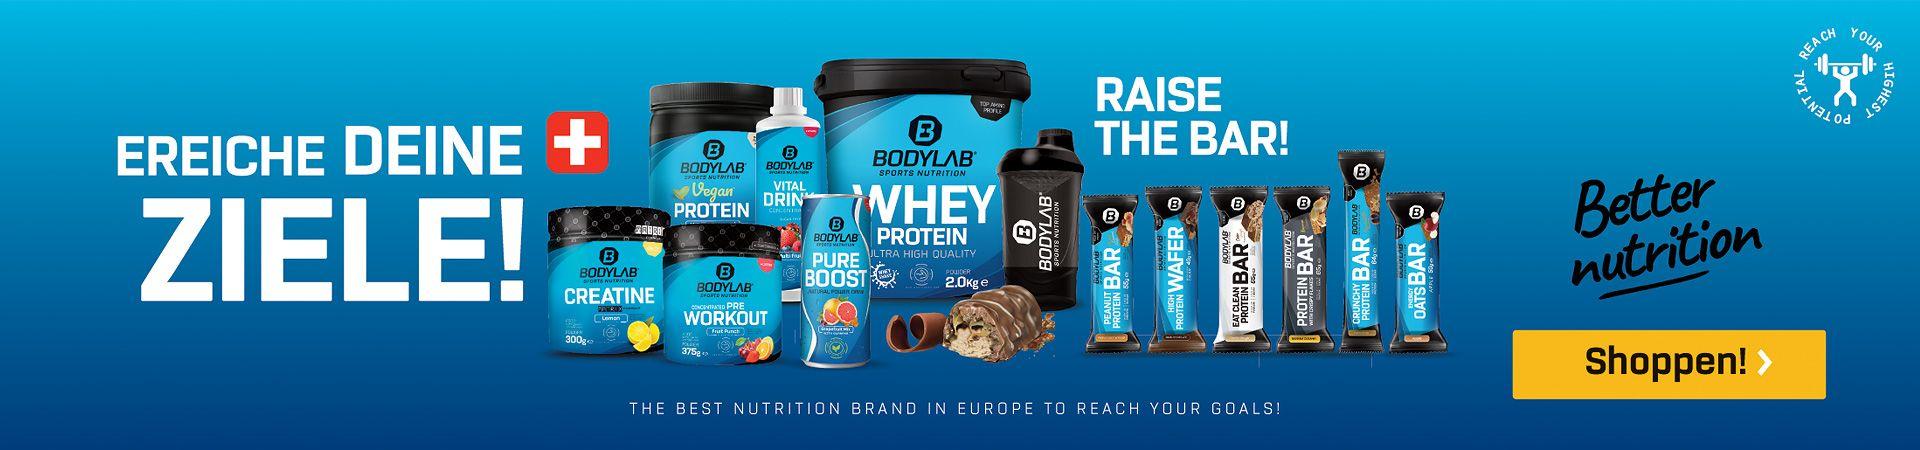 verschiedene Bodylab Produkte vor blauem Hintergrund, links sporliche Frau im Vordergrund